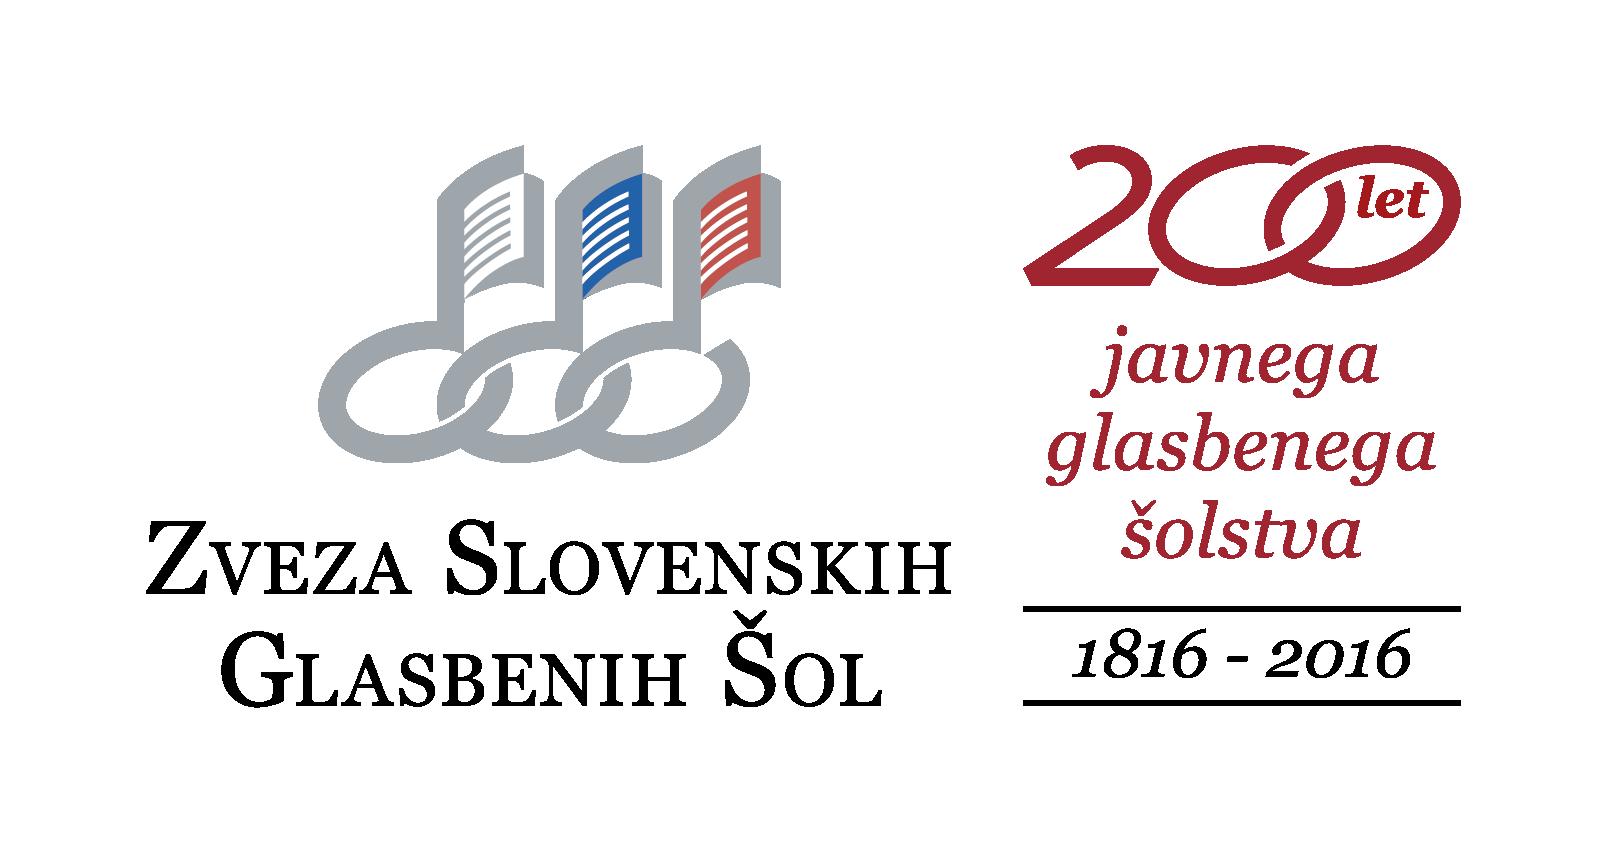 ZSGS_200let_logo_logo_barvni